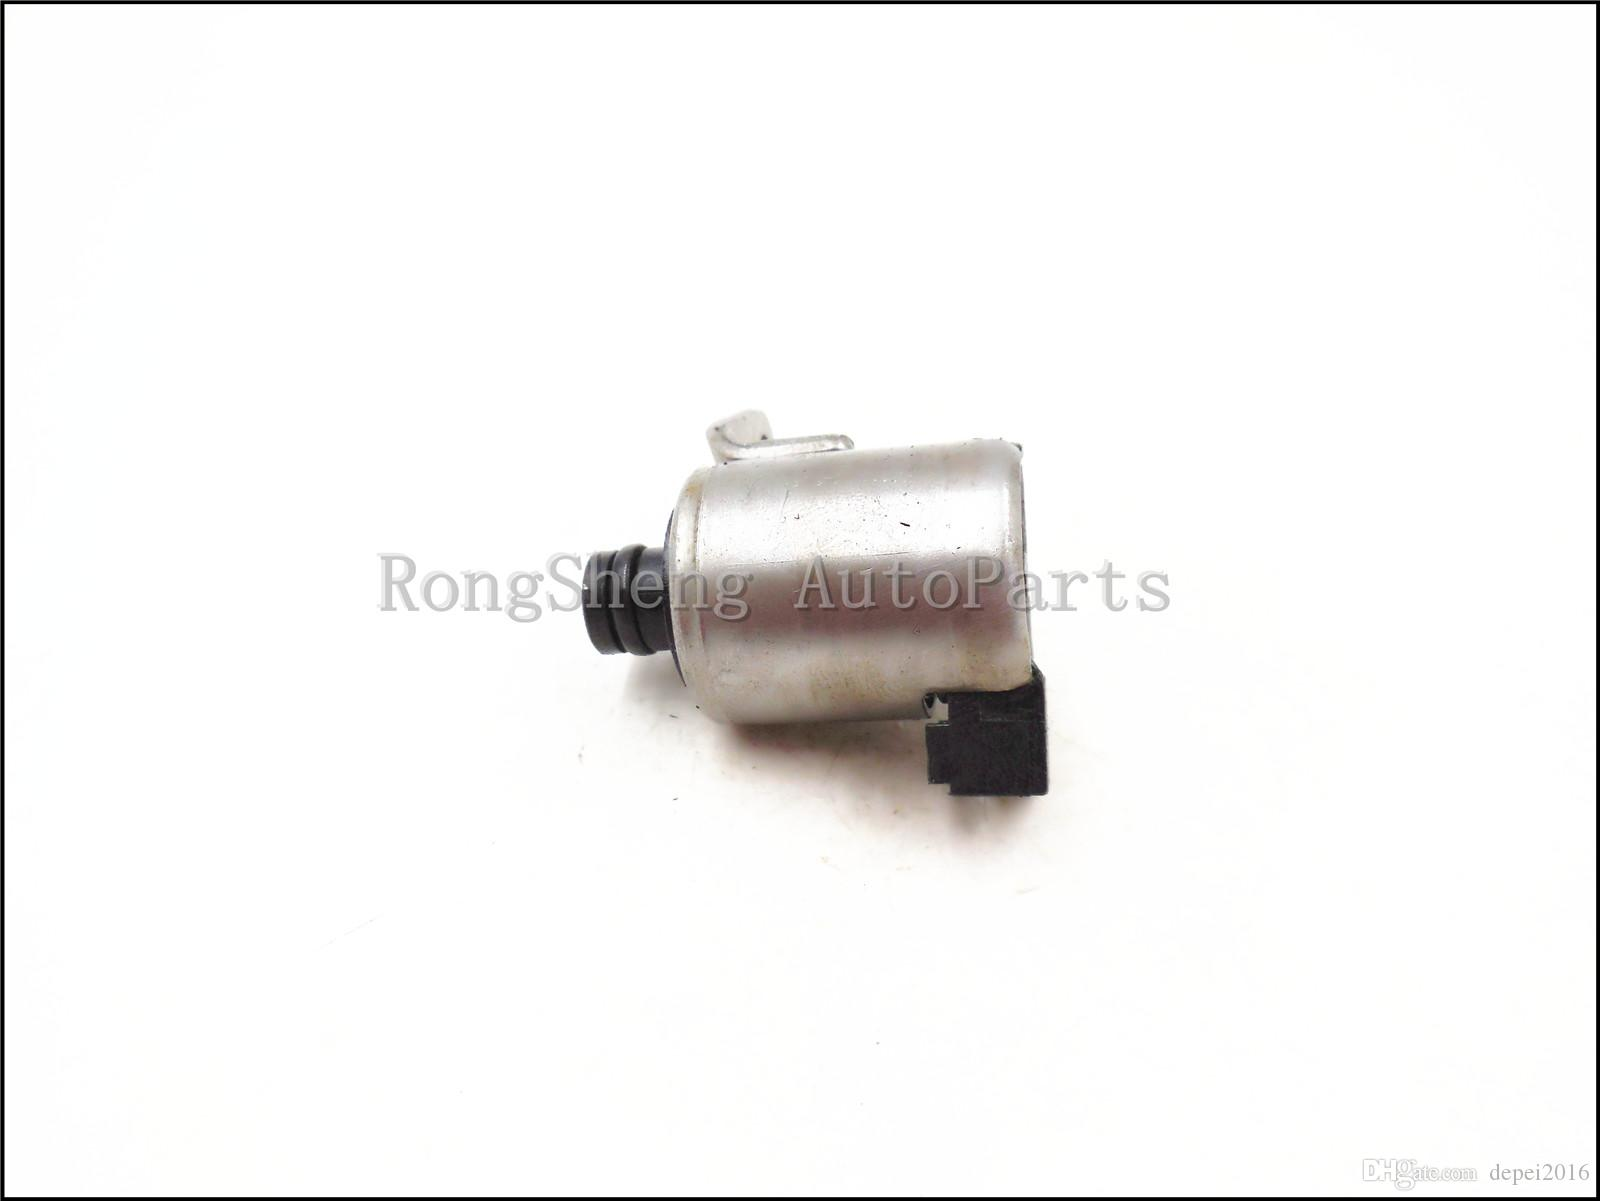 미츠비시 변속기 용 솔레노이드 밸브 OEM G6T40273